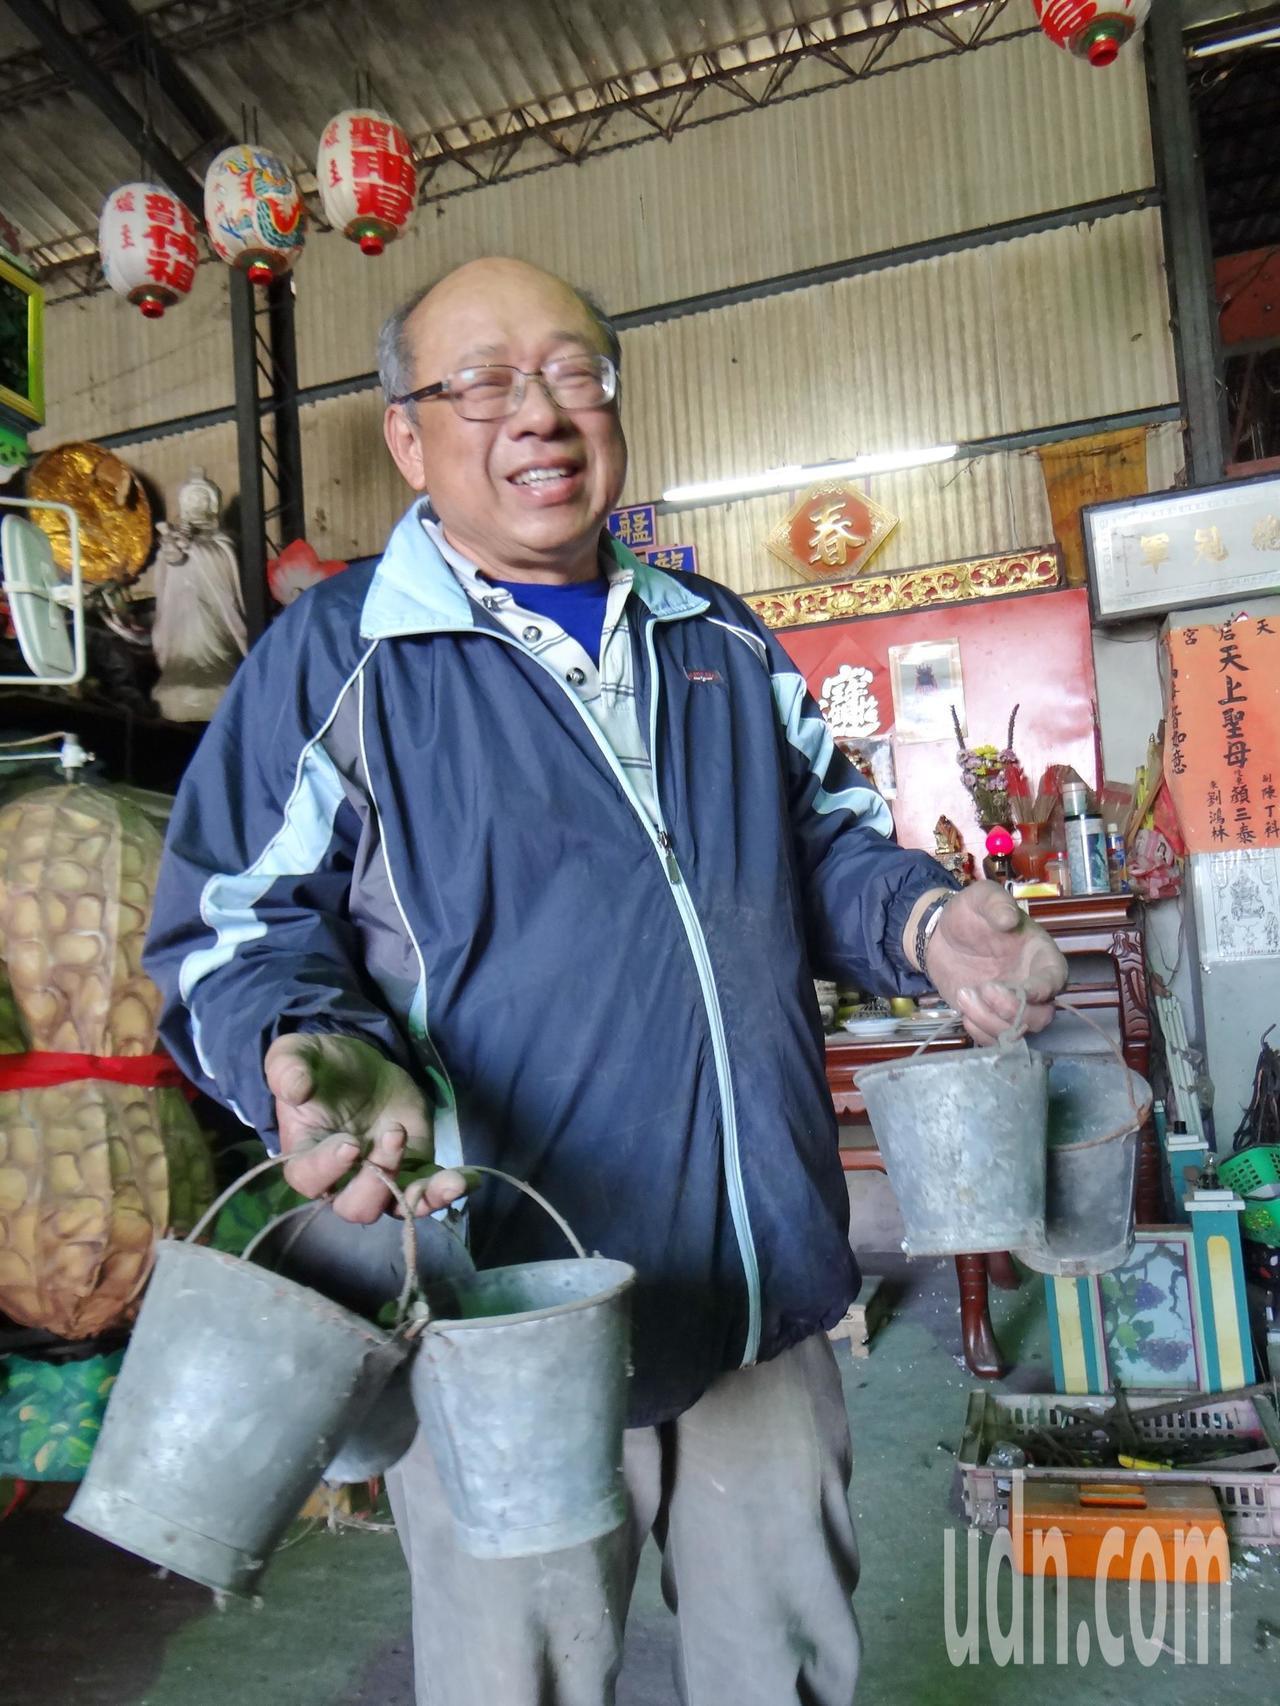 顏三泰也找出父親親手打造的小水桶,強調早年電動花燈所有道具全都自己做,即便是小水...